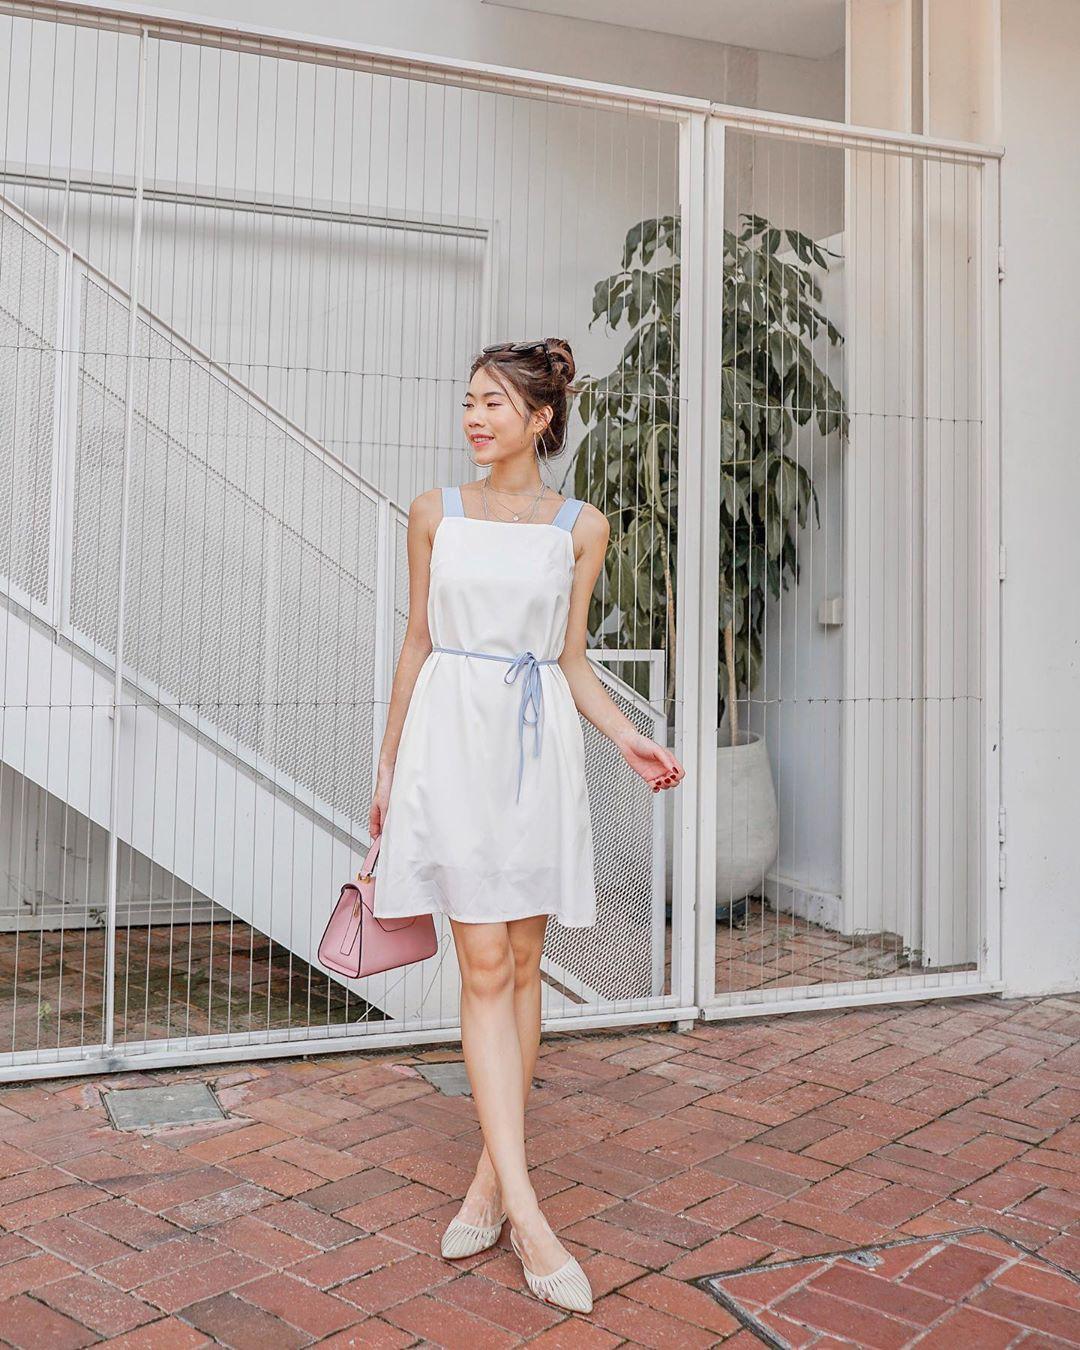 """Chuyên gia Nhật Bản chỉ cách thu nhỏ bắp chân """"cột đình"""" sau 2 tuần, giúp bạn tha hồ diện váy ngắn - Ảnh 3"""